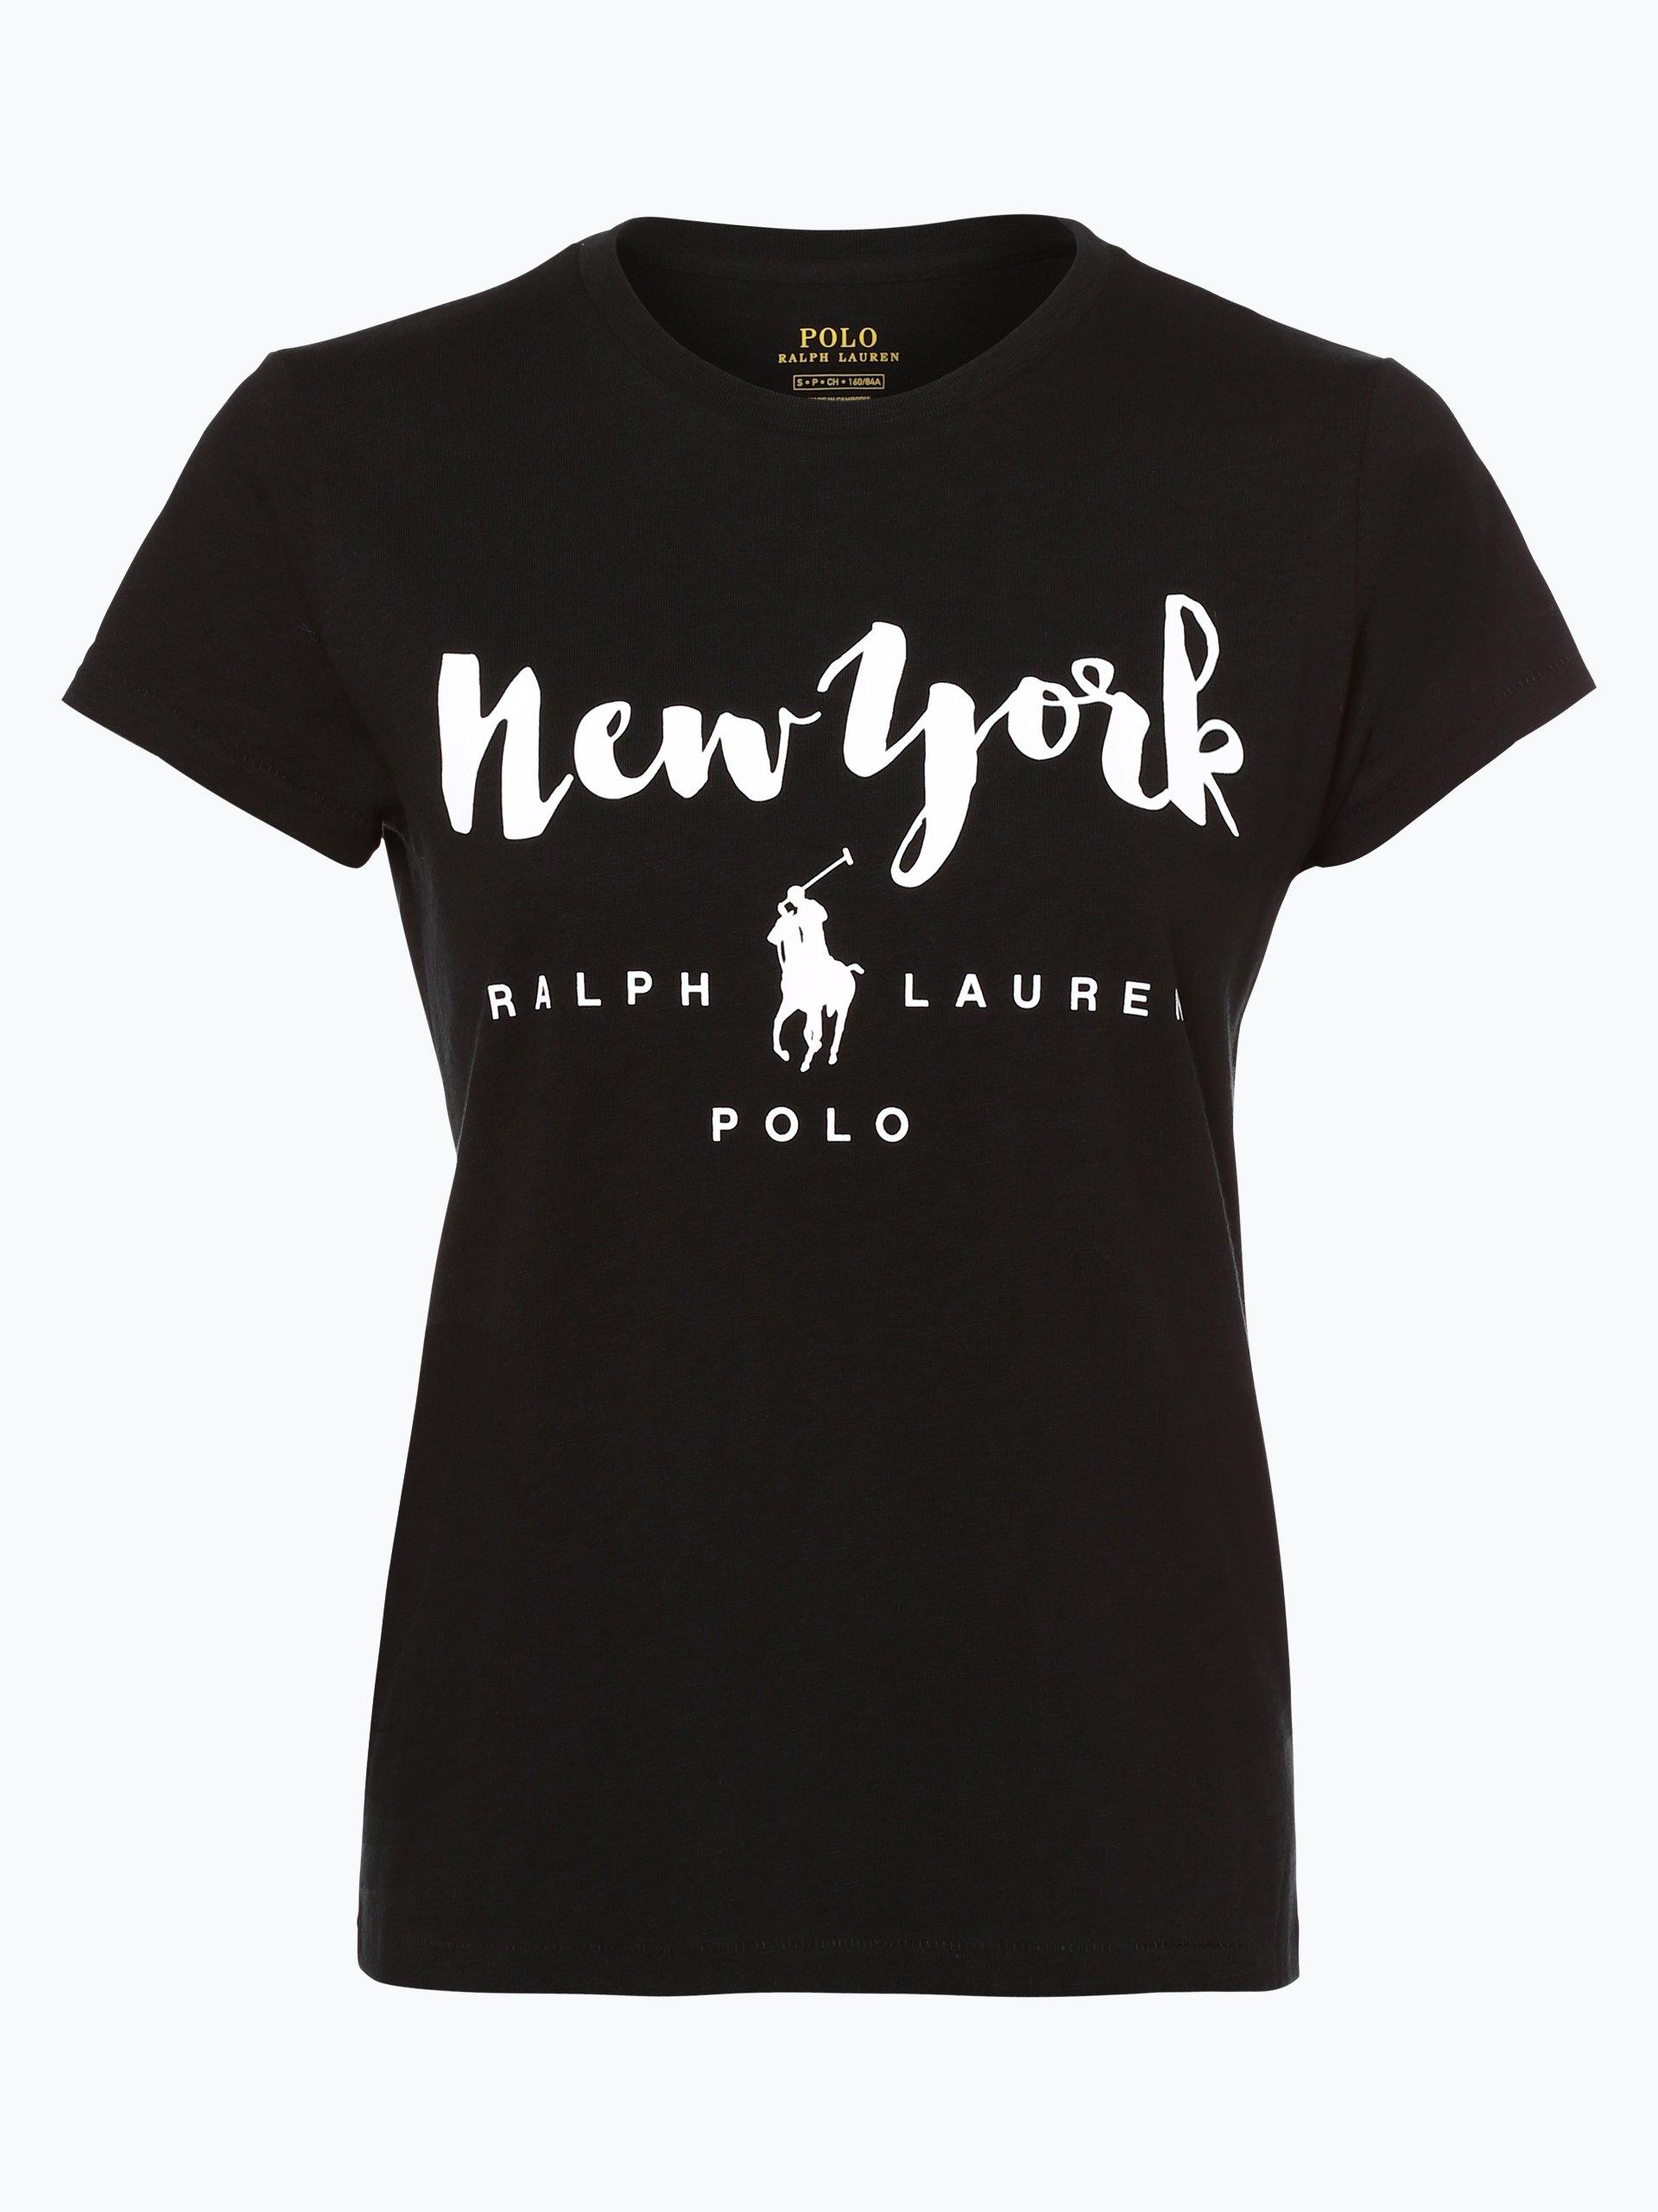 polo ralph lauren damen t shirt schwarz gemustert online kaufen vangraaf com. Black Bedroom Furniture Sets. Home Design Ideas